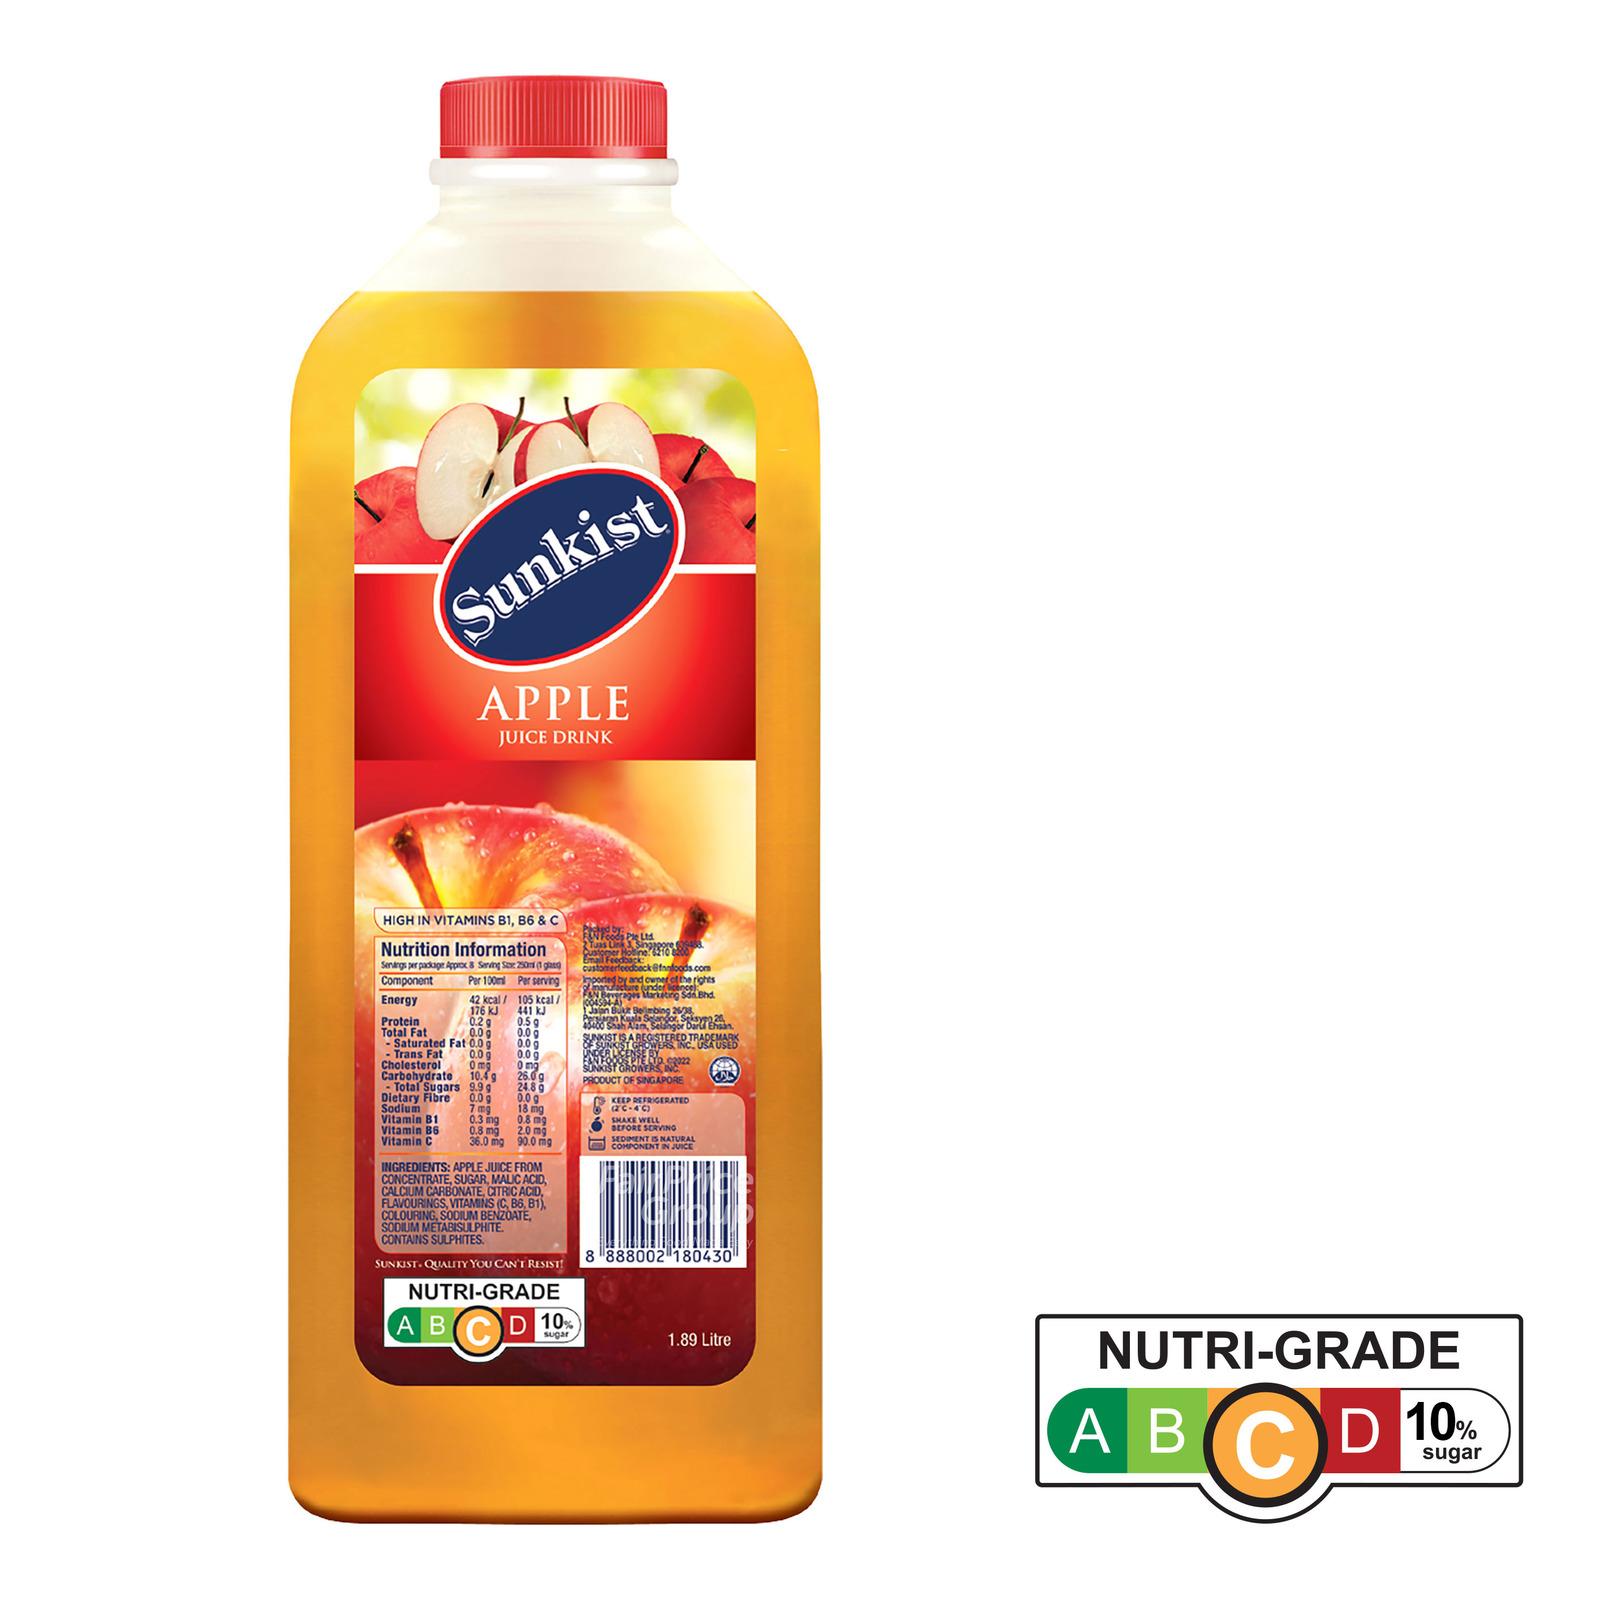 Sunkist Fruit Bottle Juice - Apple